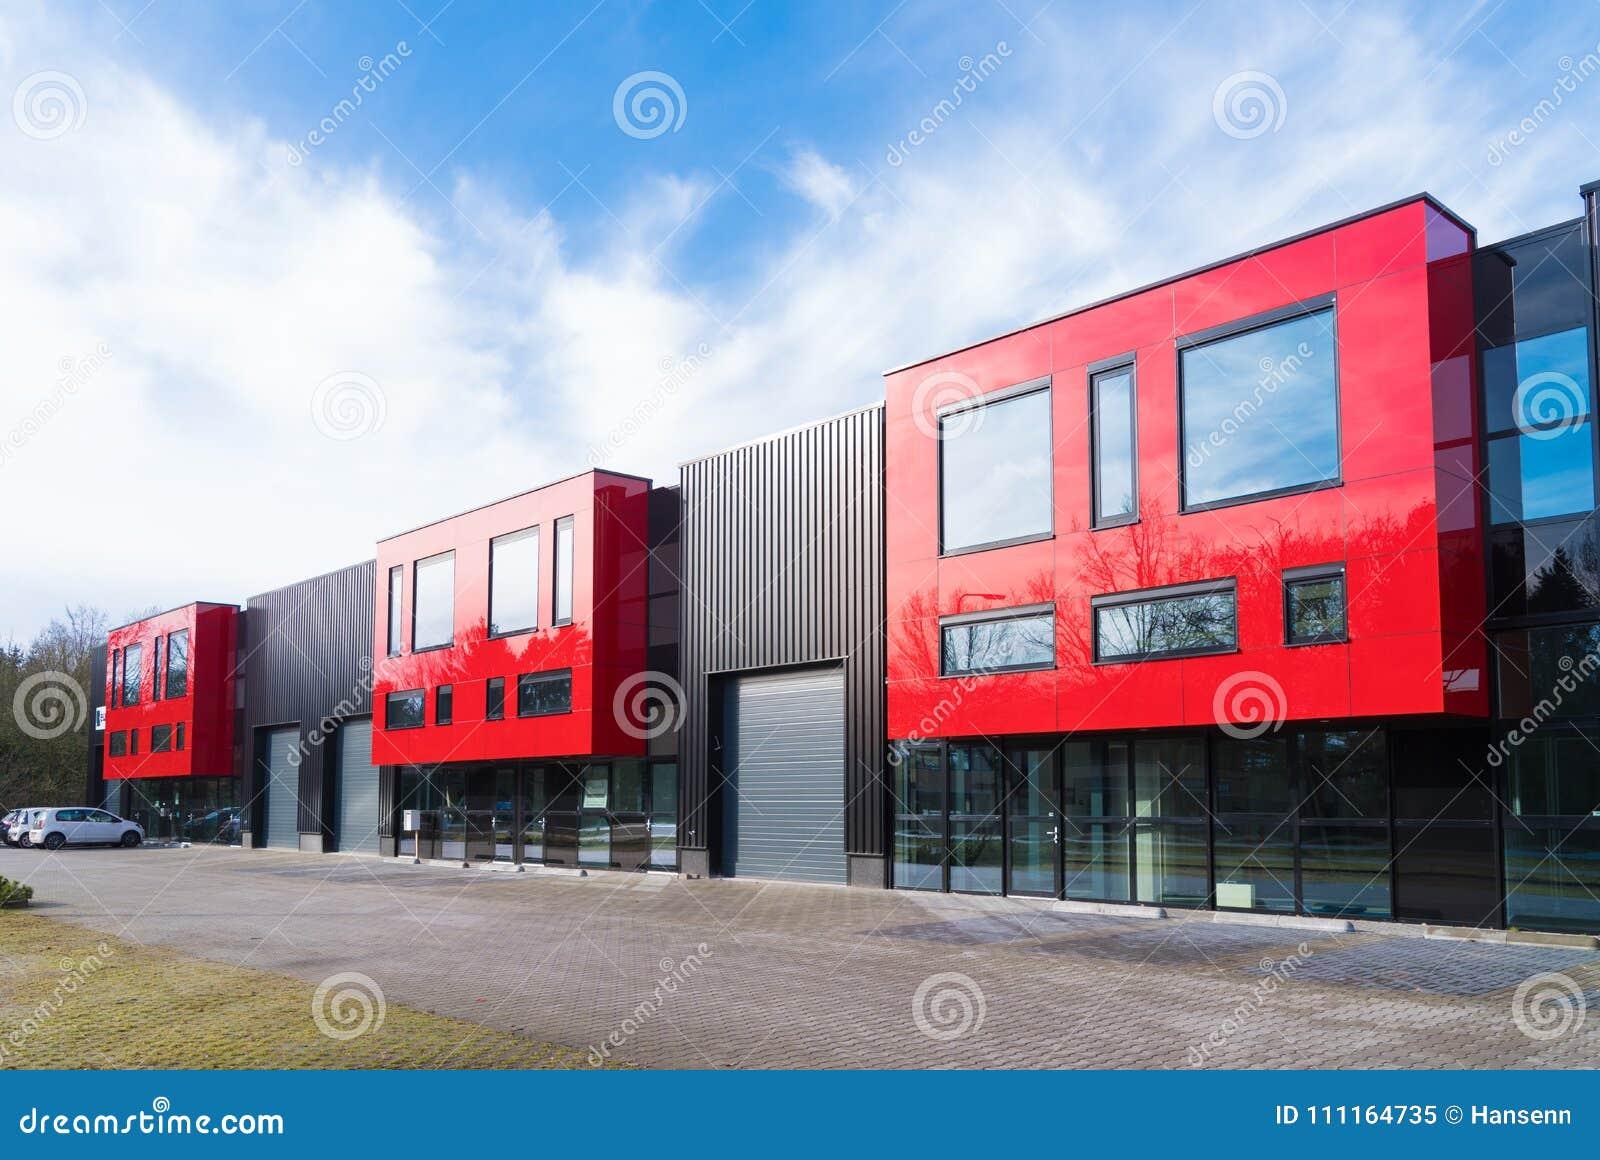 B timent industriel avec les unités rouges de bureau image